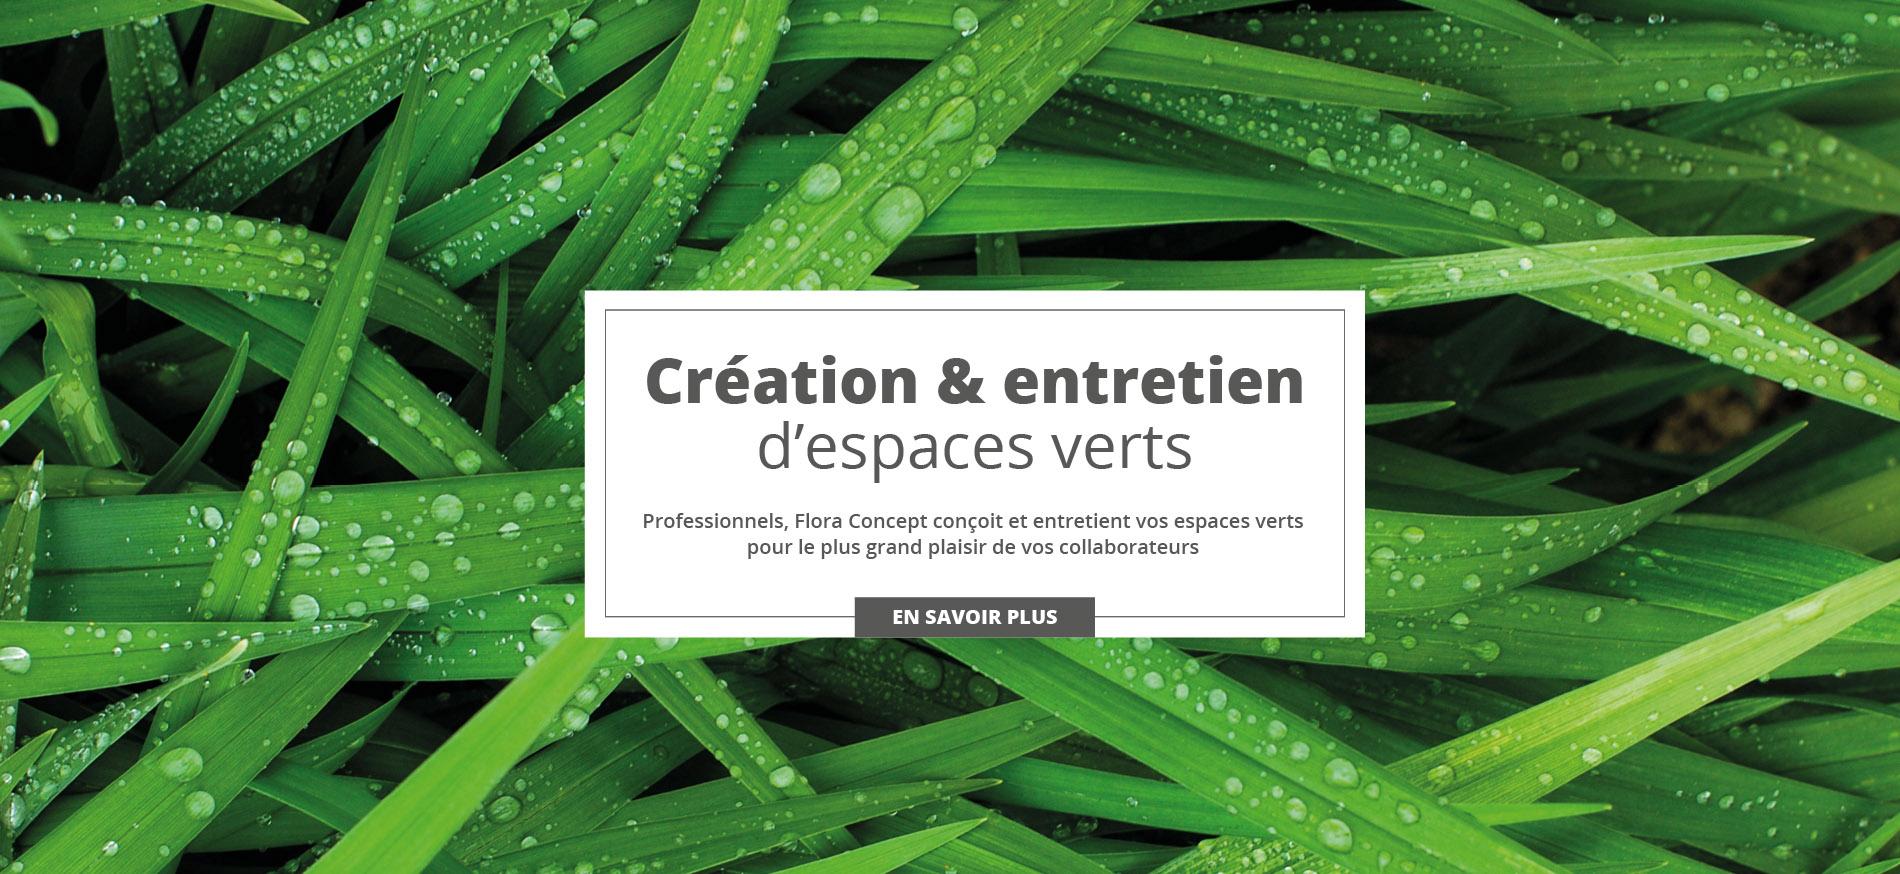 Création & entretien d'espaces verts